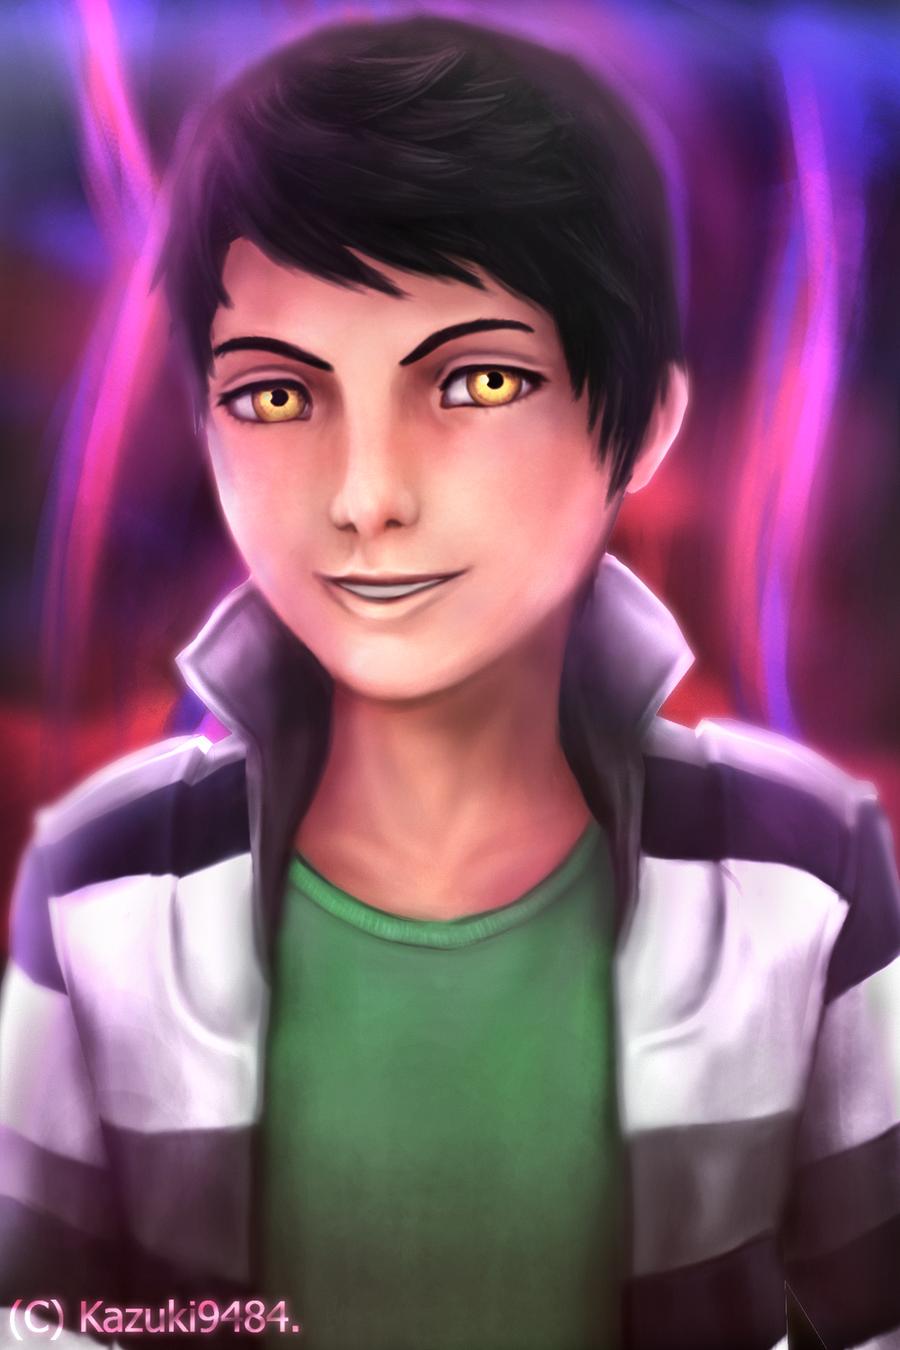 kazuki9484's Profile Picture